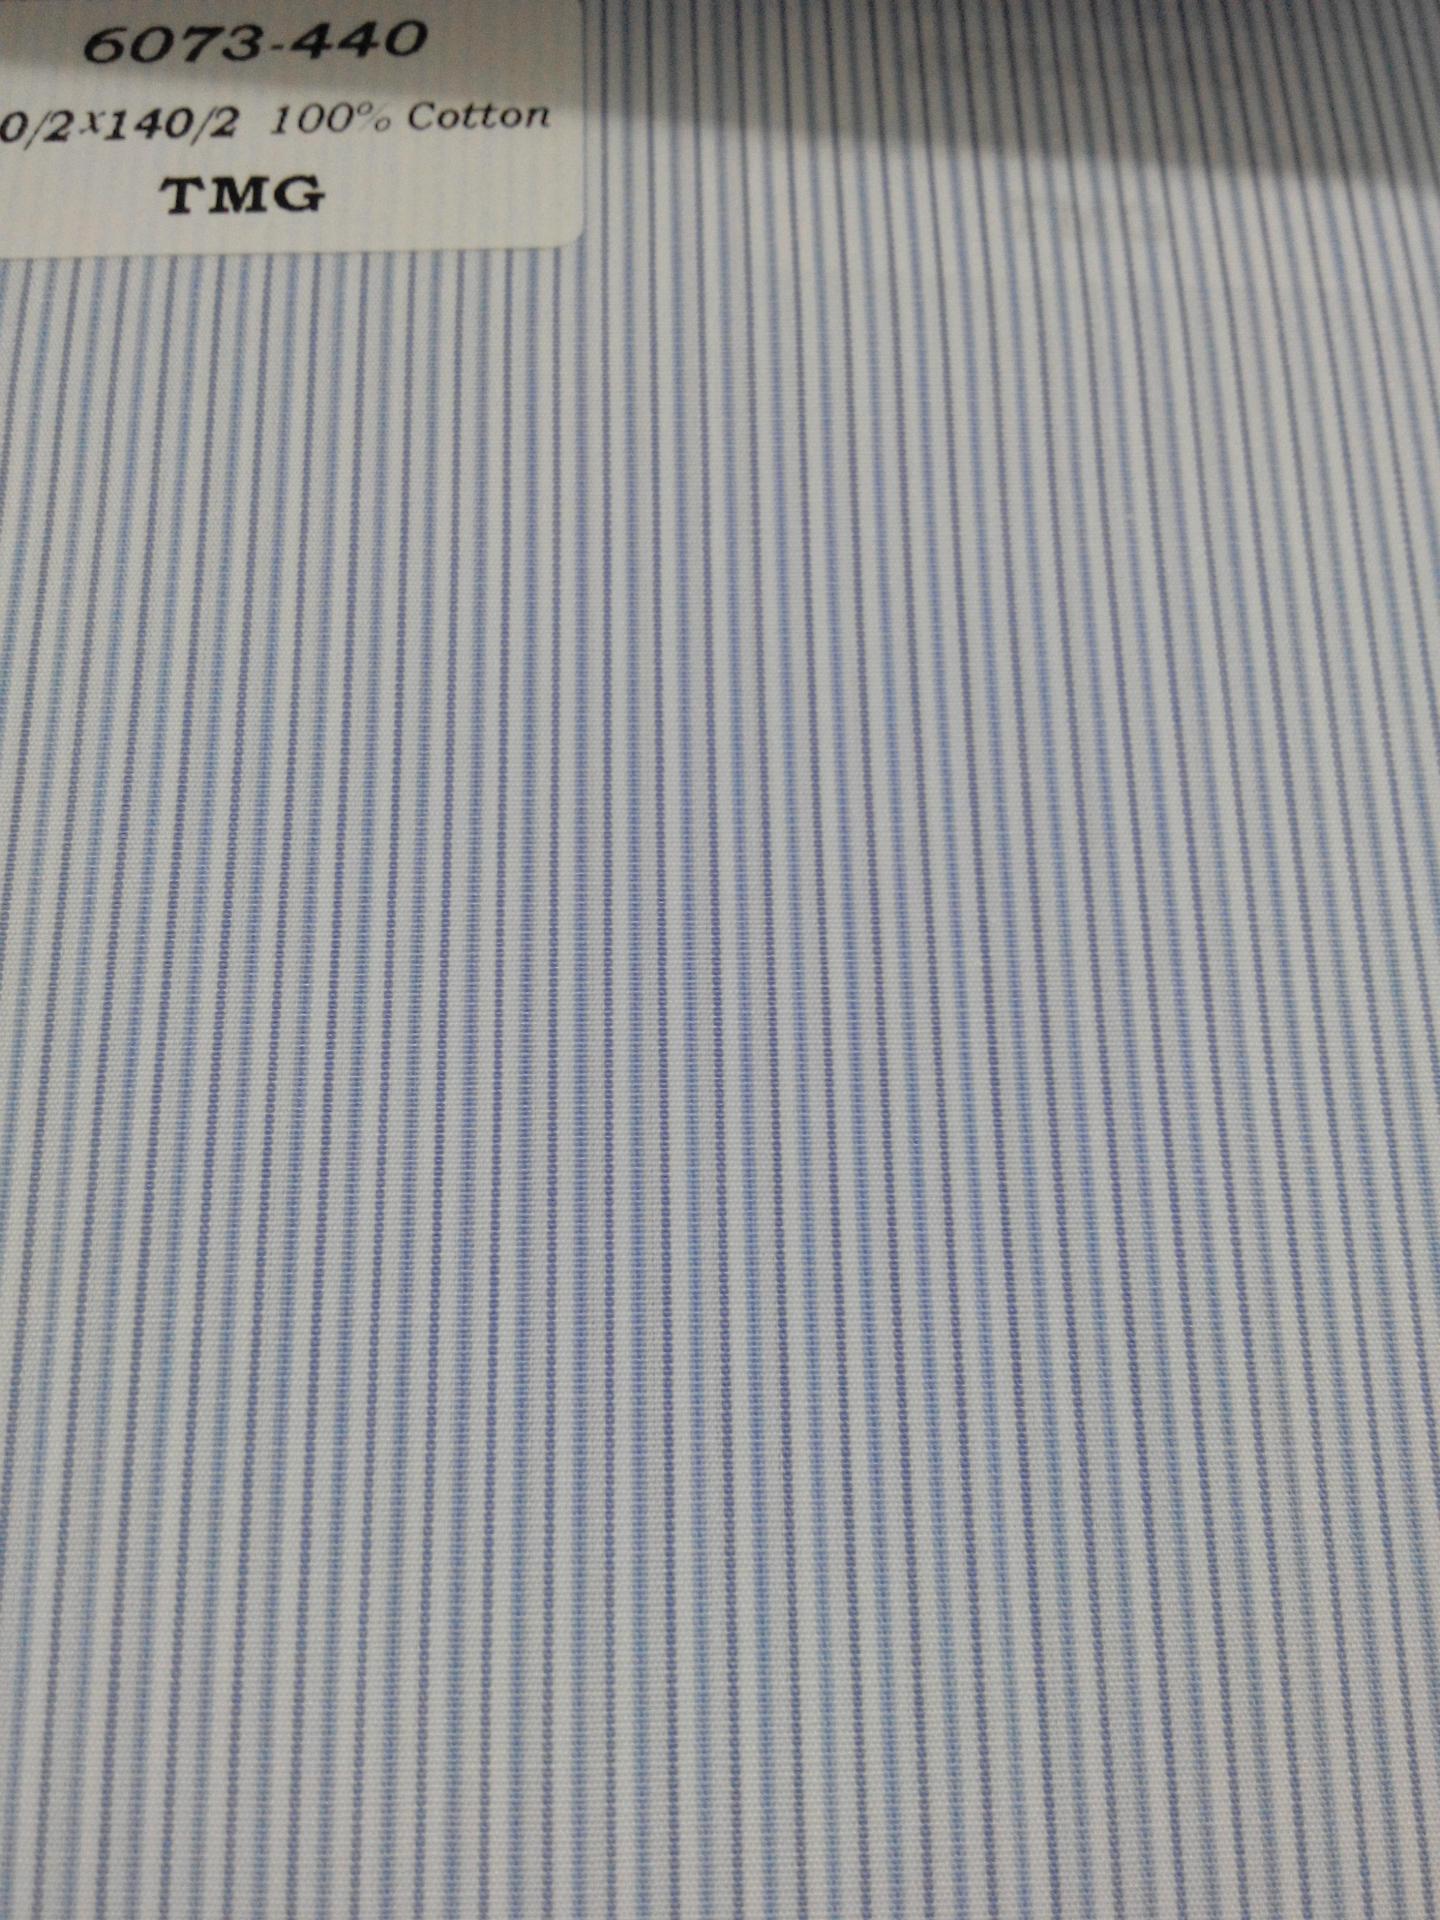 Anh nhập khẩu nhập khẩu vải áo vải công trong sáng giá bán buôn vải bông